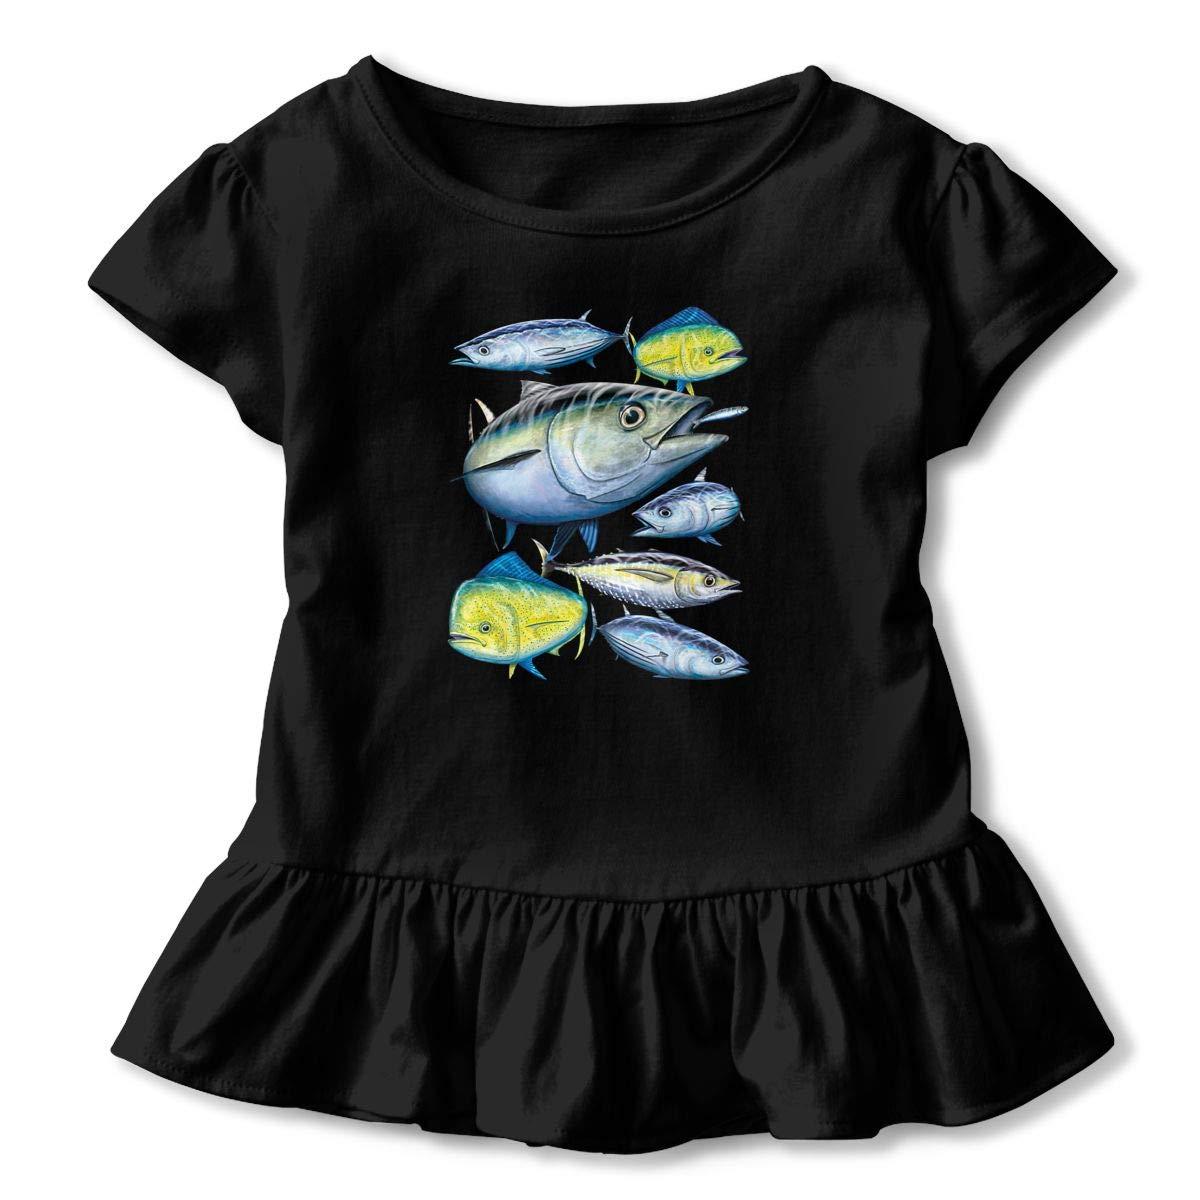 Cheng Jian Bo Tuna and Mahi Mahi Toddler Girls T Shirt Kids Cotton Short Sleeve Ruffle Tee